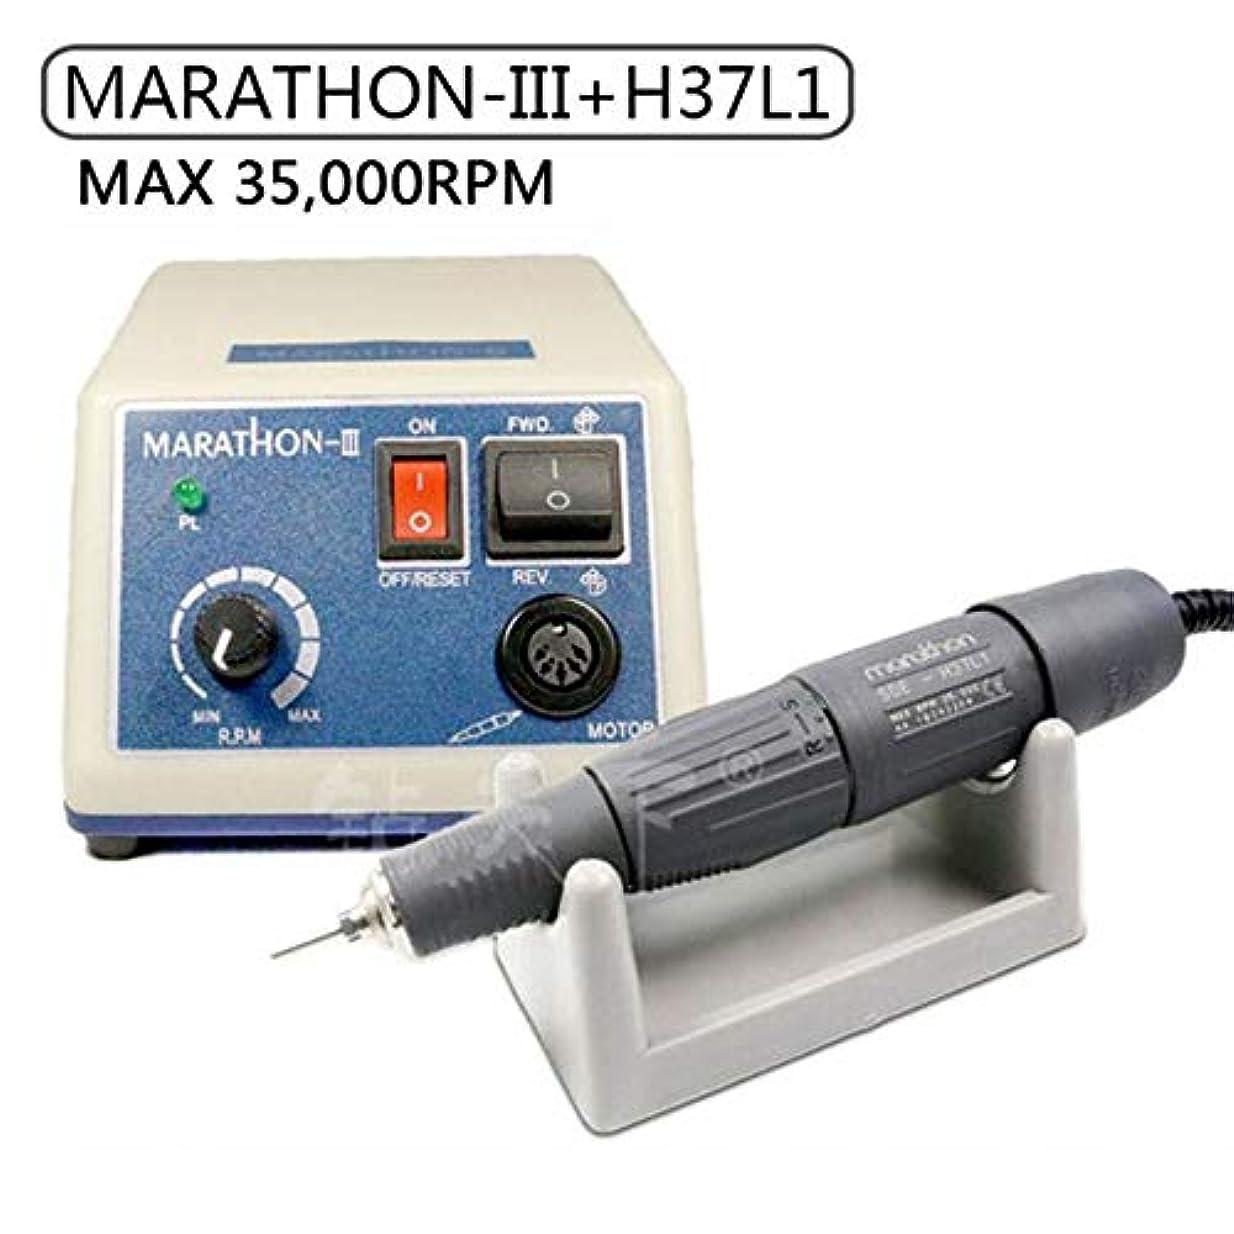 差デモンストレーション補償釘を研削、35000RPM強いハンドルネイルマニキュアマシンペディキュア電動ビットネイルアート用品ファイルドリル